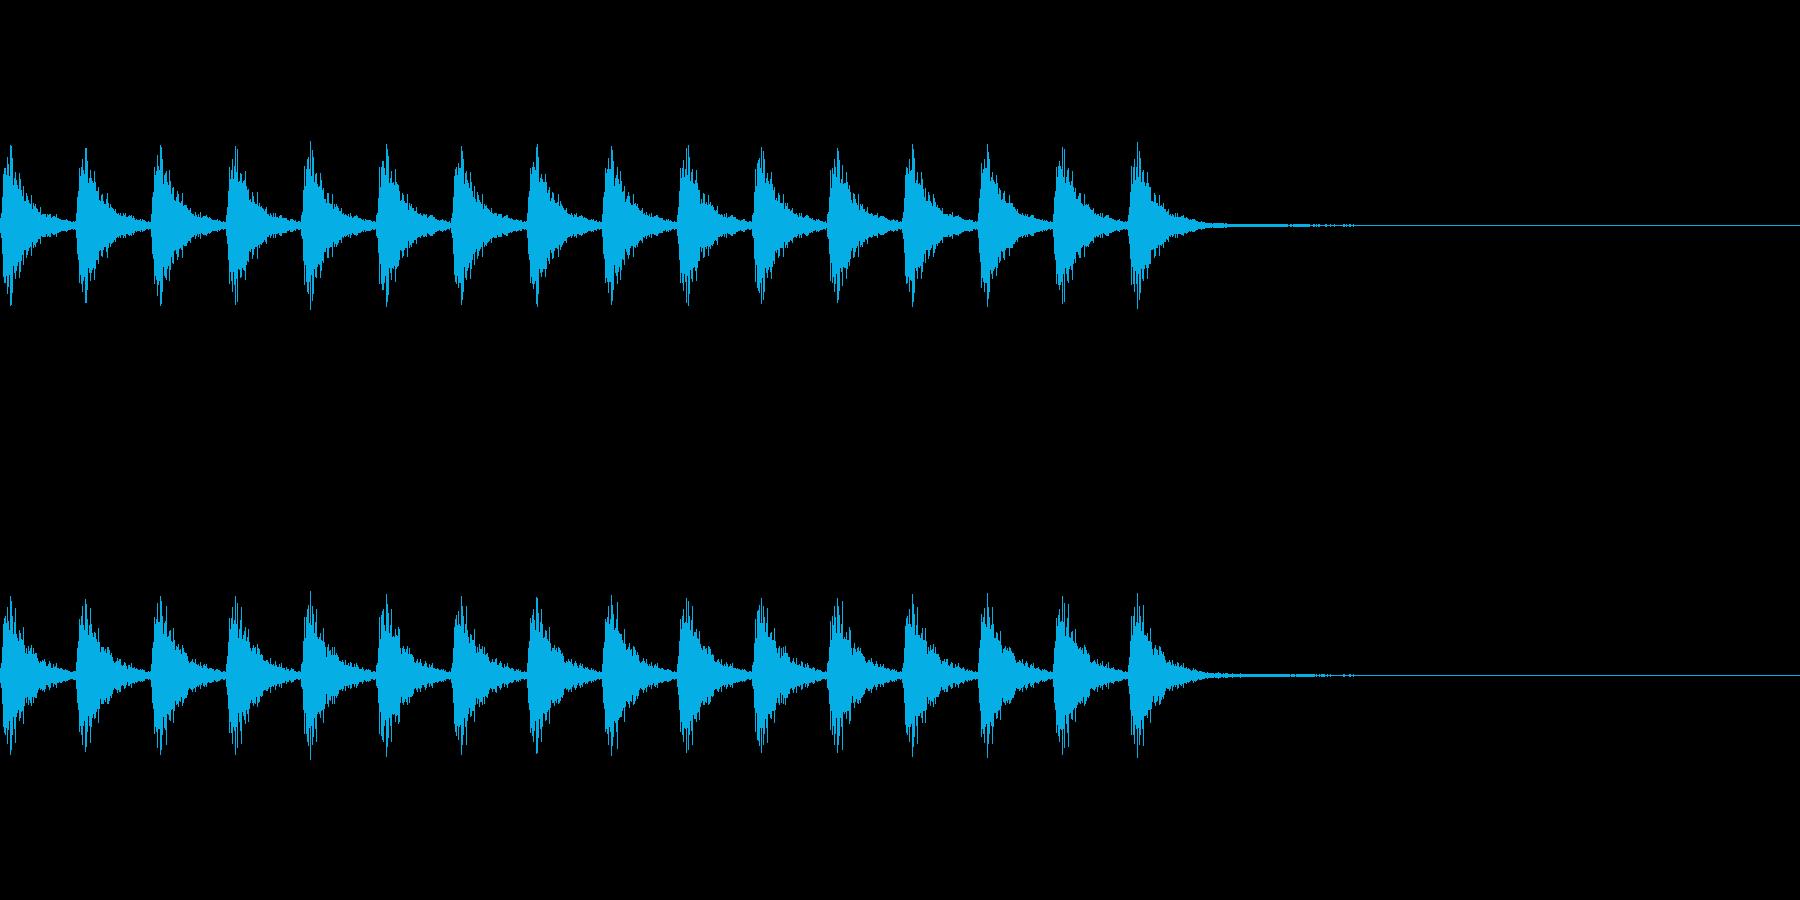 鈴の音の再生済みの波形